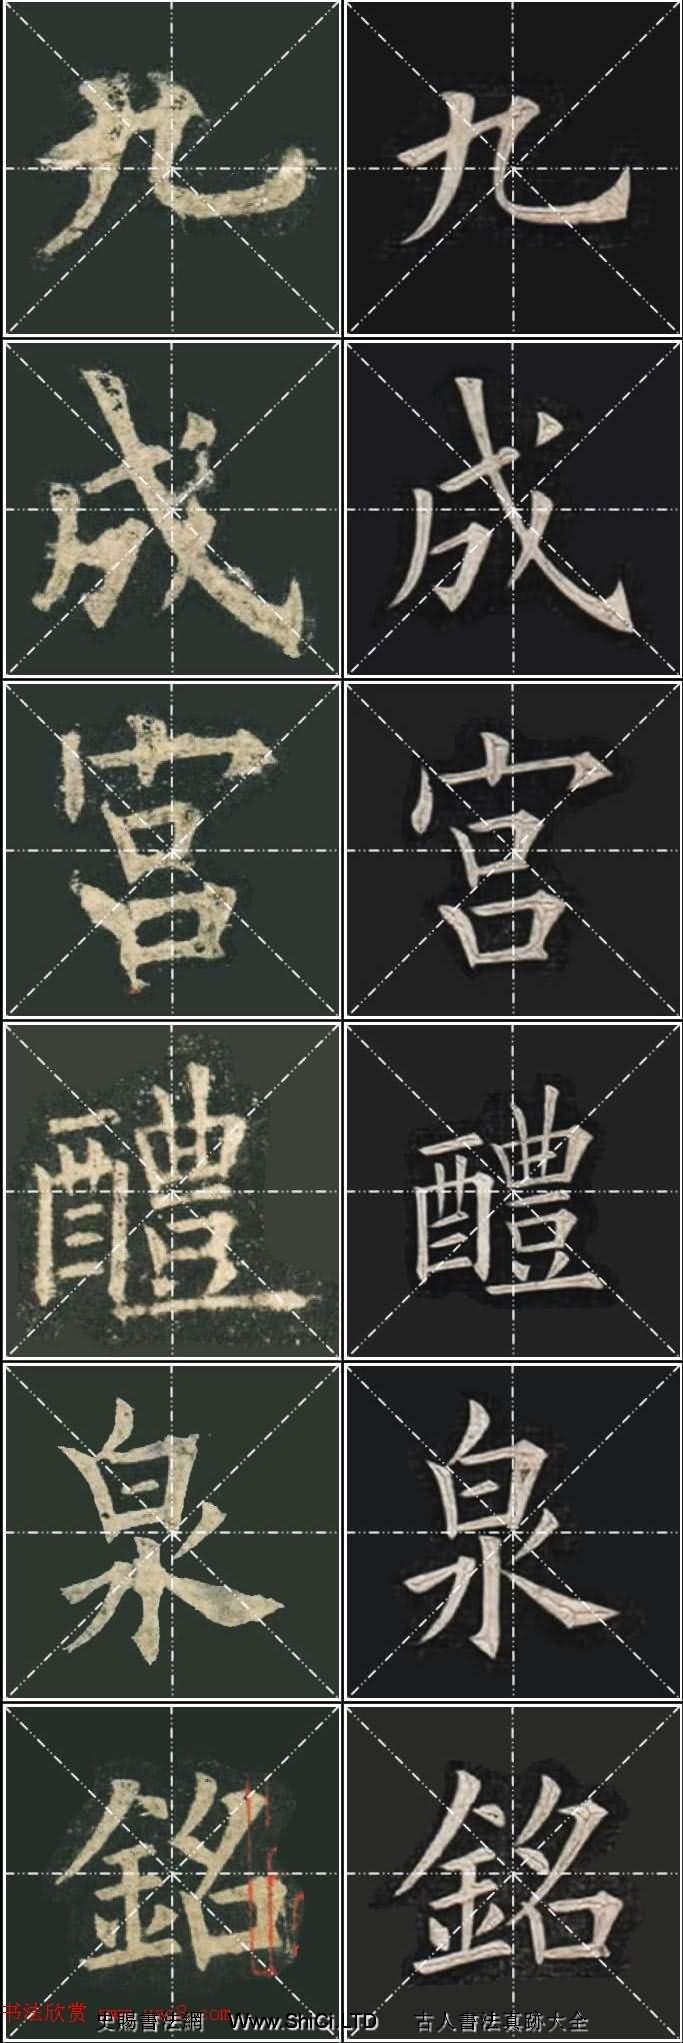 《歐楷九成宮》姚孟起臨本與李琪藏本對照字帖(共188張圖片)